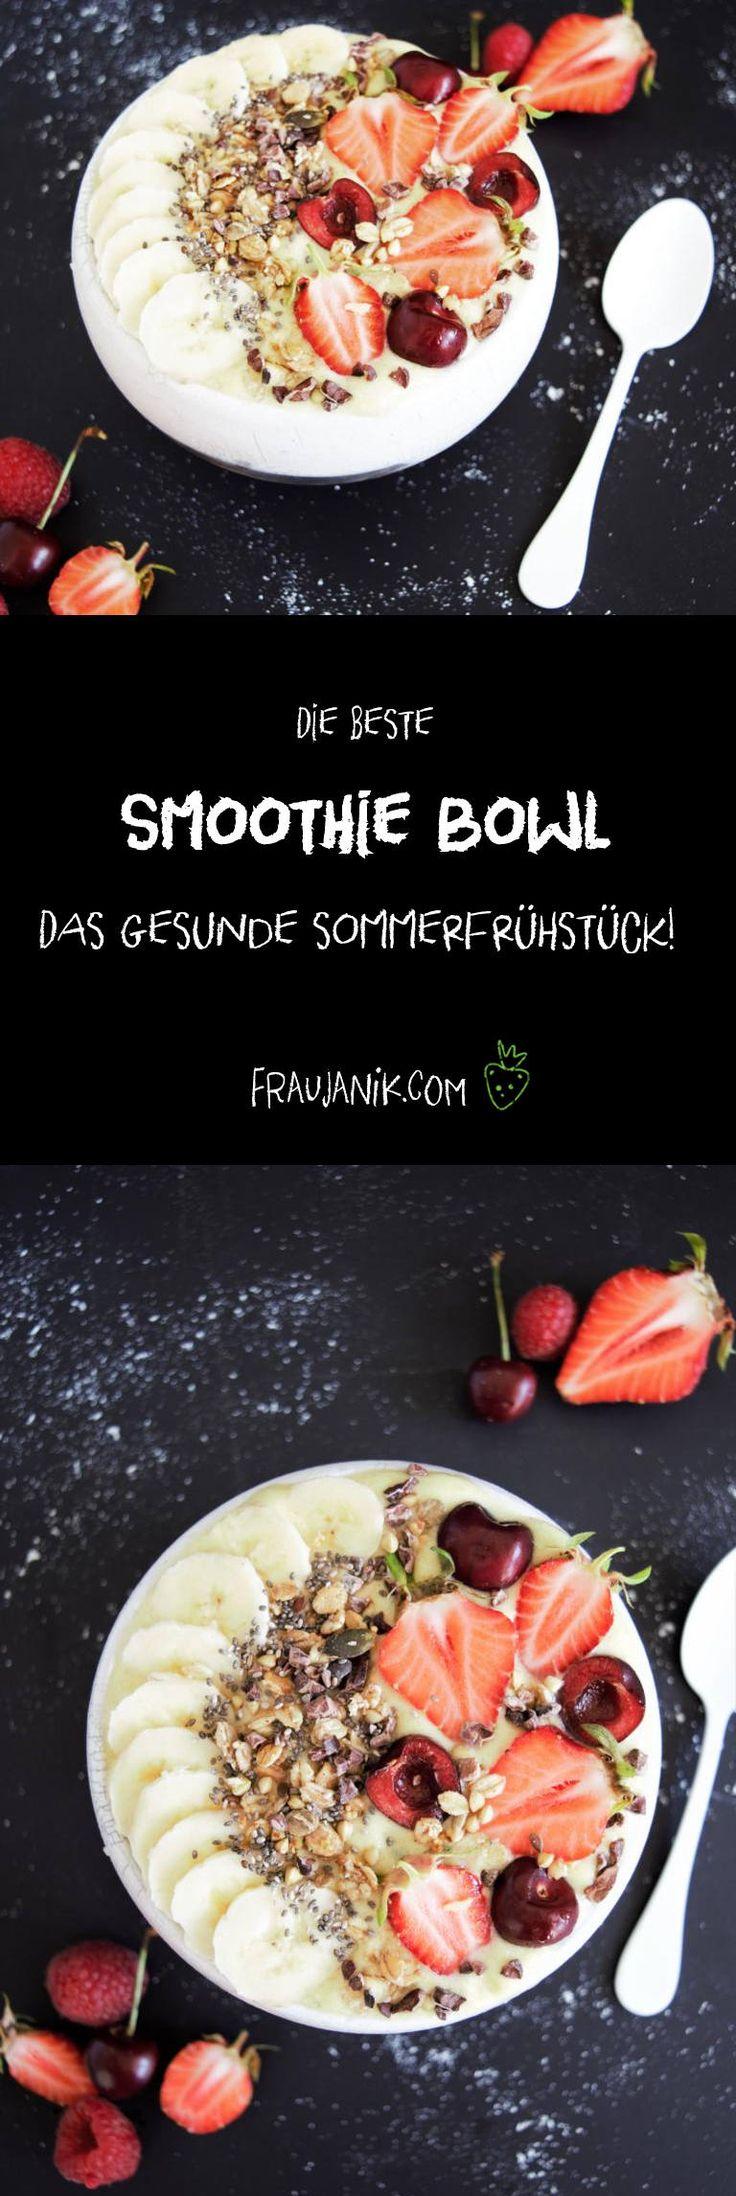 Smoothiebowl! DER Foodtrend! Wie der Name schon sagt, ist die Grundlage dieser Bowl = Schüssel ein Smoothie. Dieser ist aber etwas dickflüssiger als ein normaler Smoothie, damit die Toppings in Form von Knuspermüsli, Früchten, Beeren, Samen, Nüssen usw.